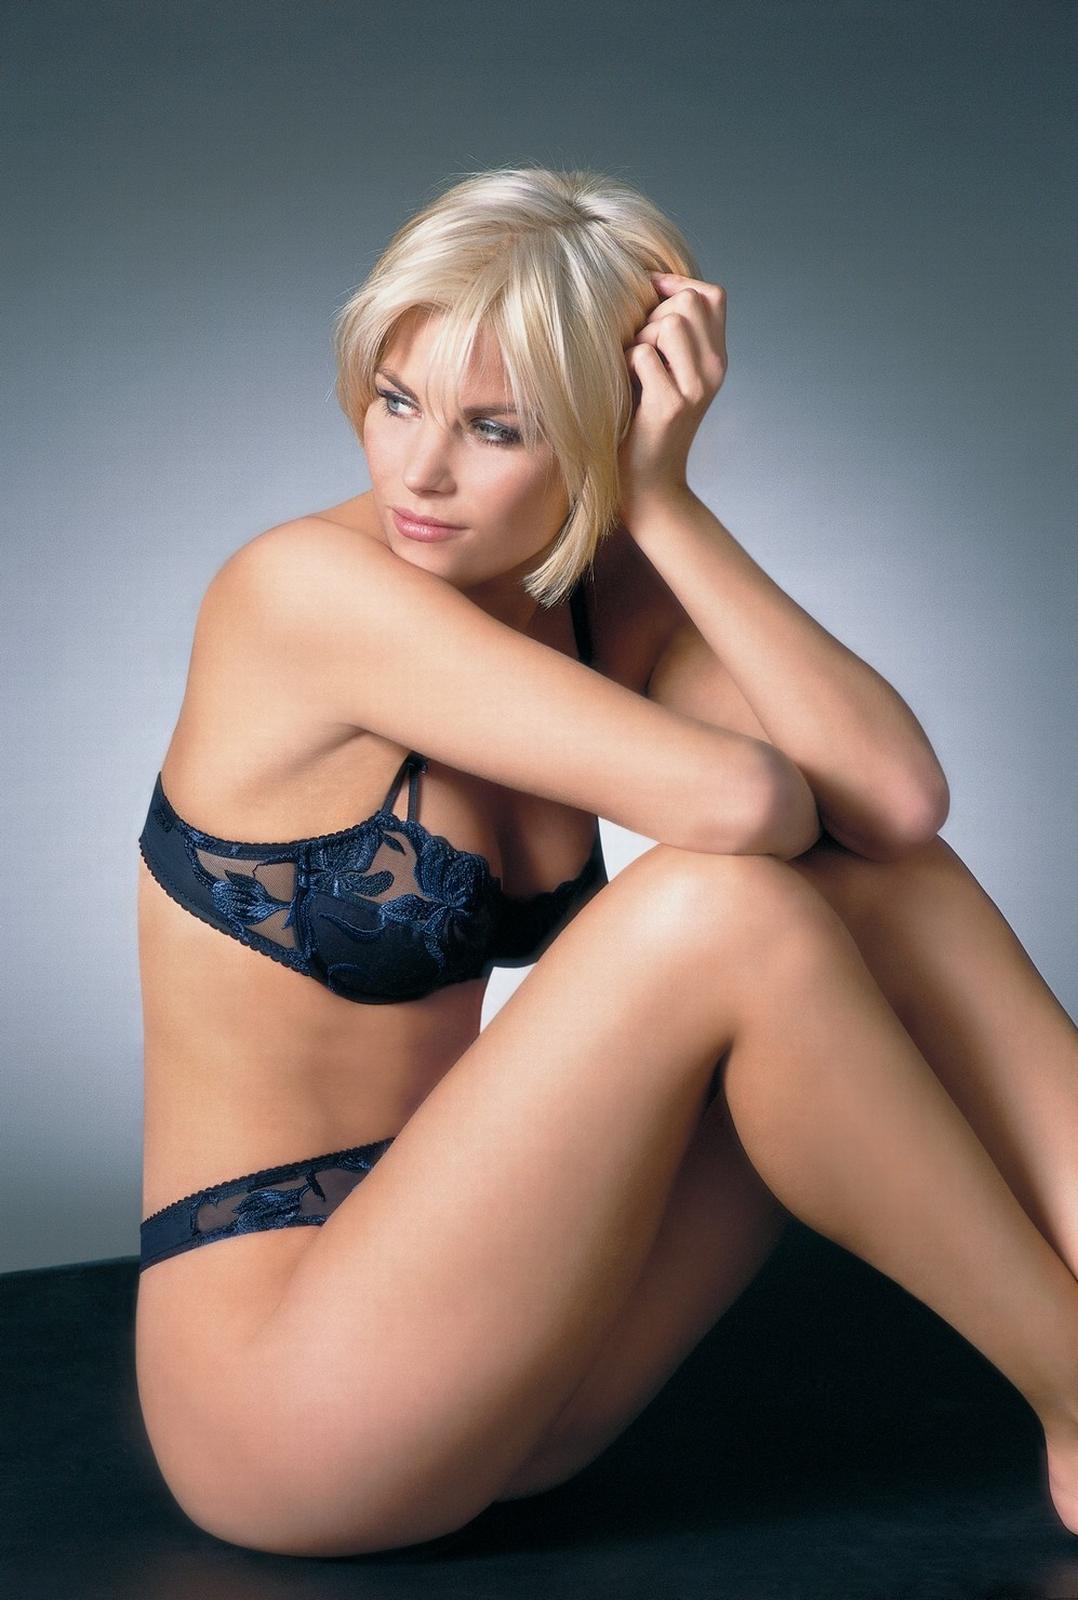 Tanja Dexters en lingerie de dentelle